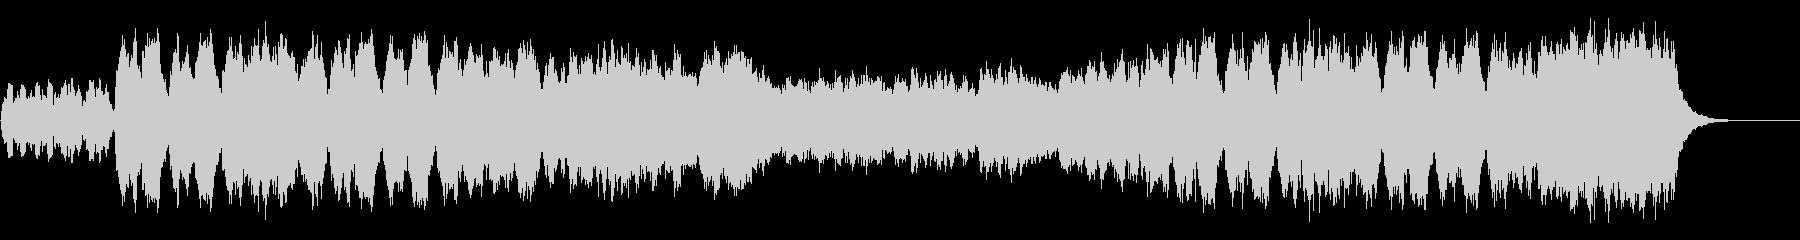 婚礼の合唱(ワーグナー)/パイプオルガンの未再生の波形